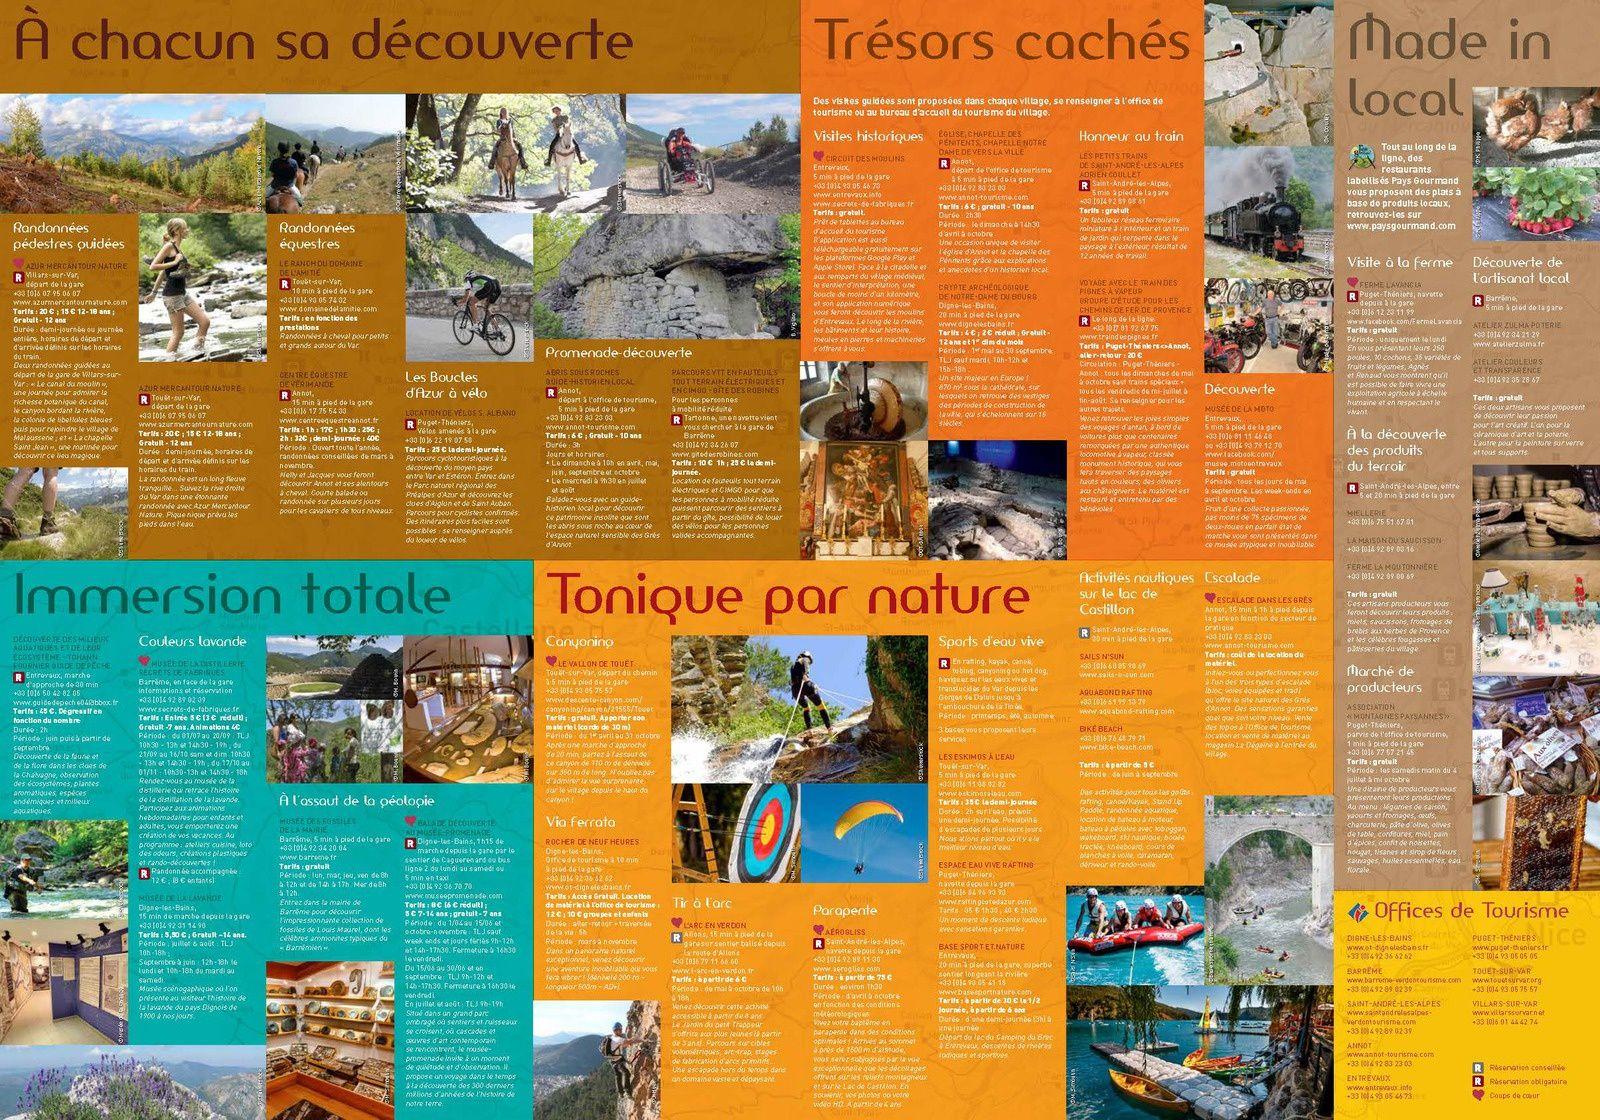 Office de Tourisme: stratégie marketing autour de la ligne CP